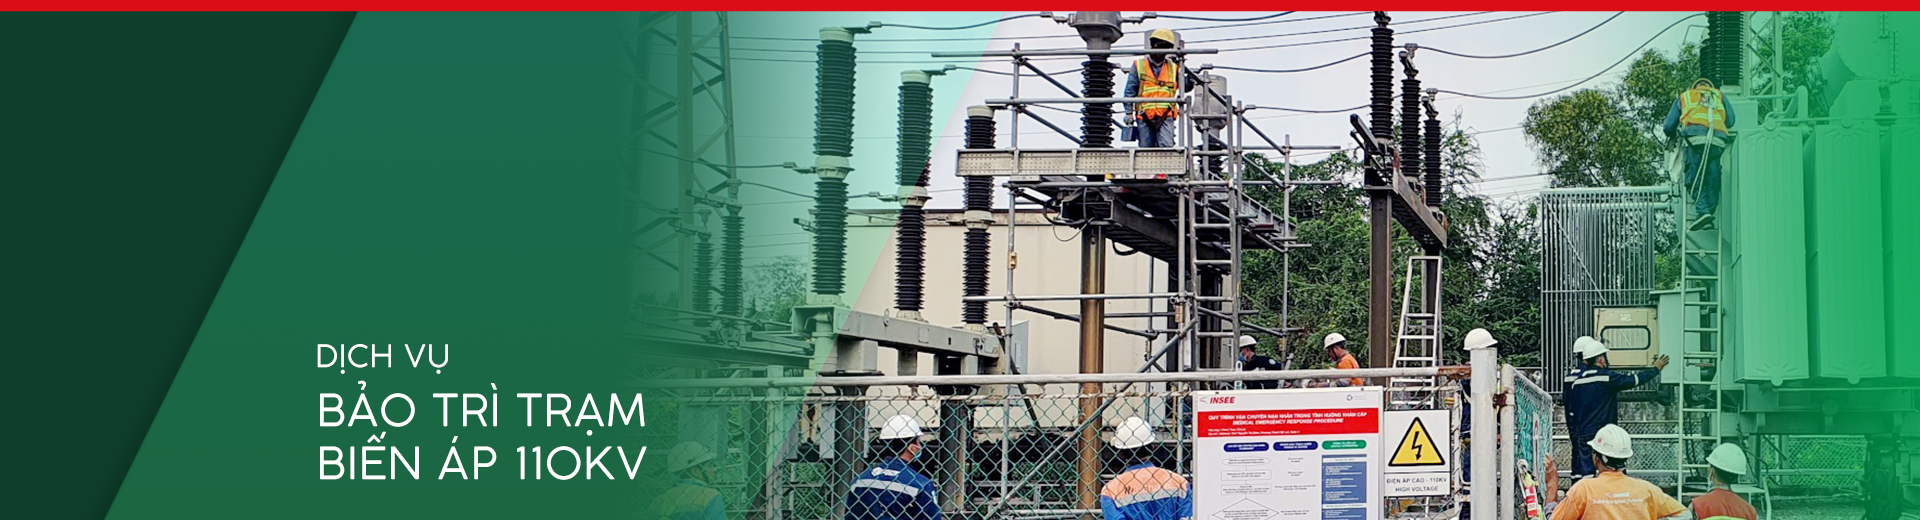 Cover dịch vụ bảo trì trạm biến áp 110kV